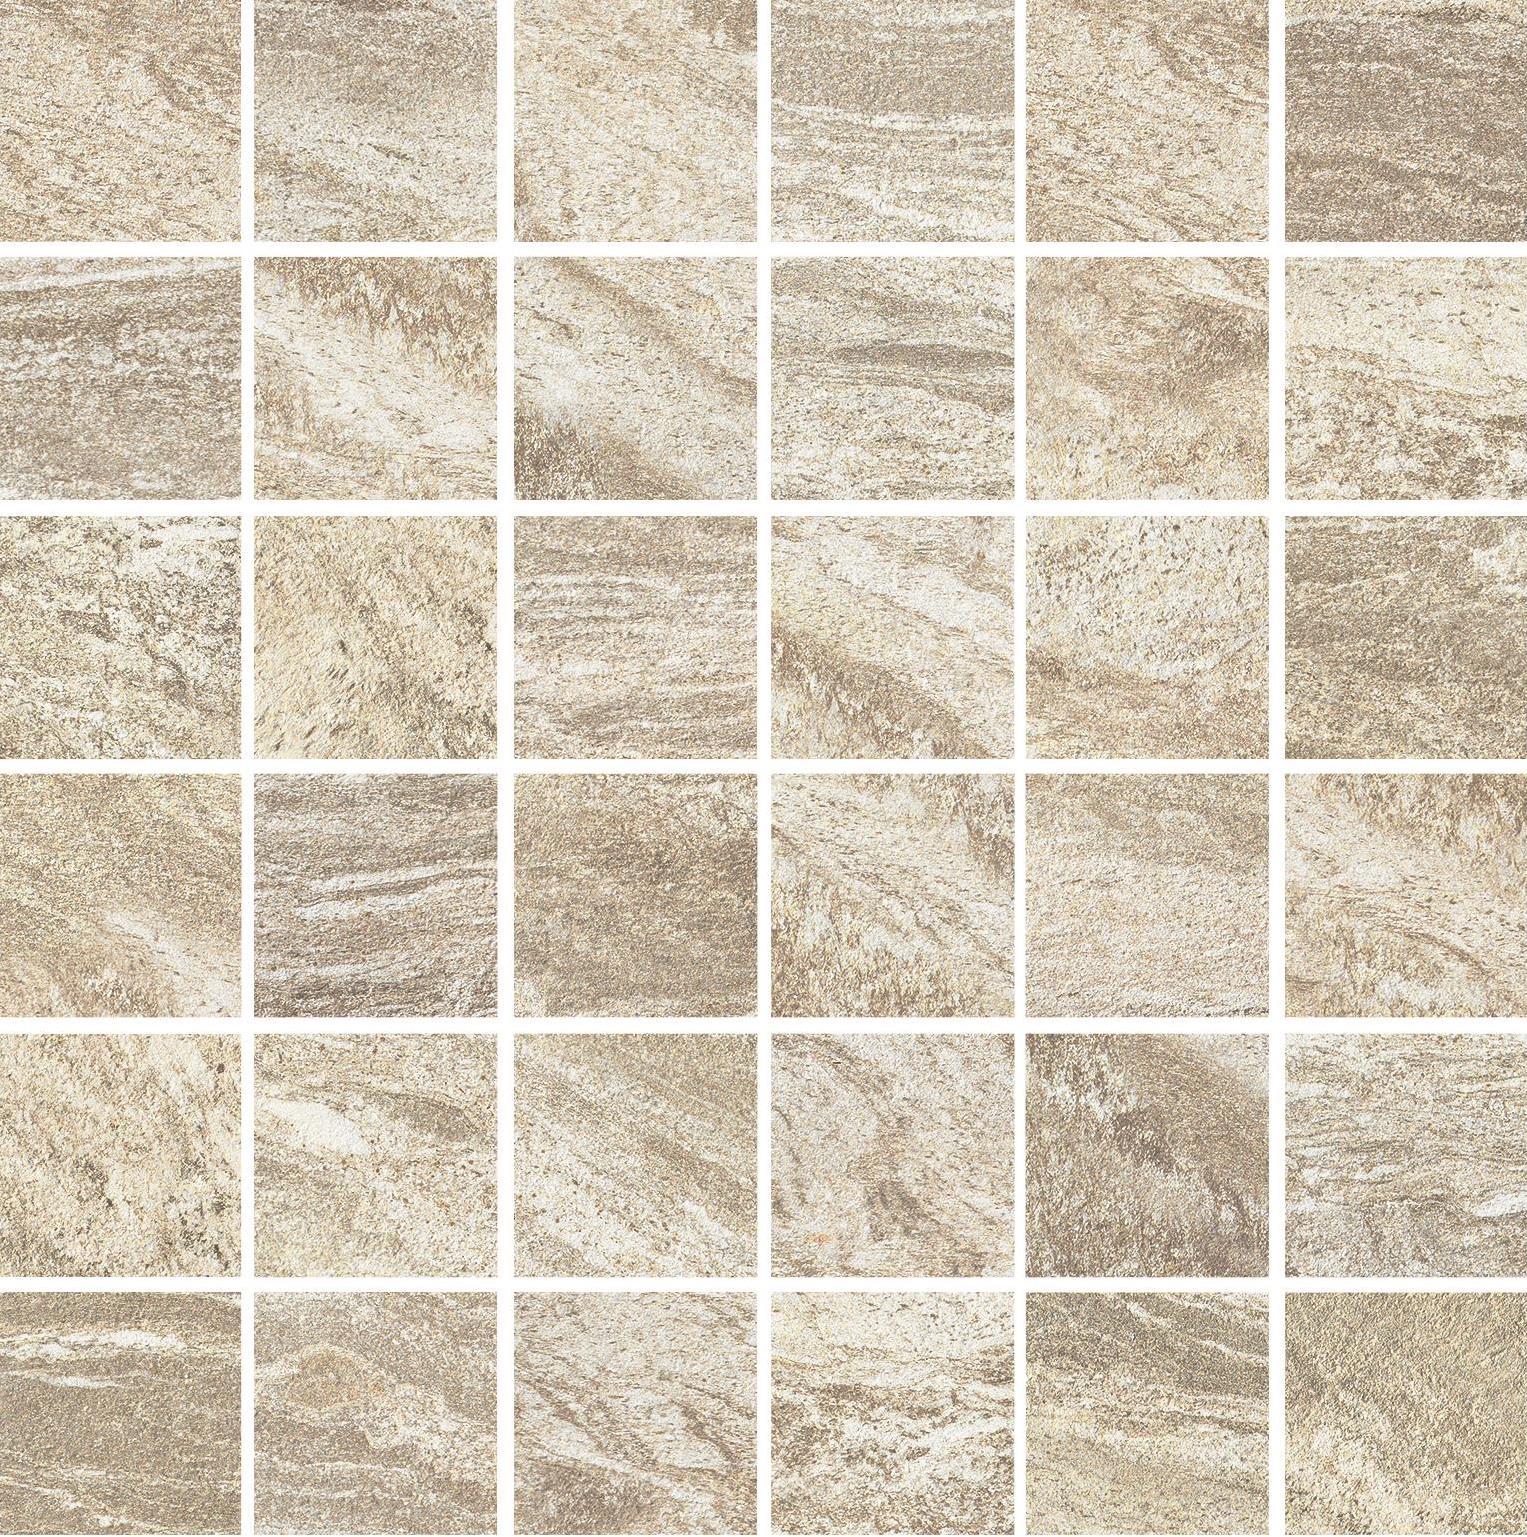 Cisa Ceramiche Valstein Beige CC0161740 Mosaik 30x30 Natural